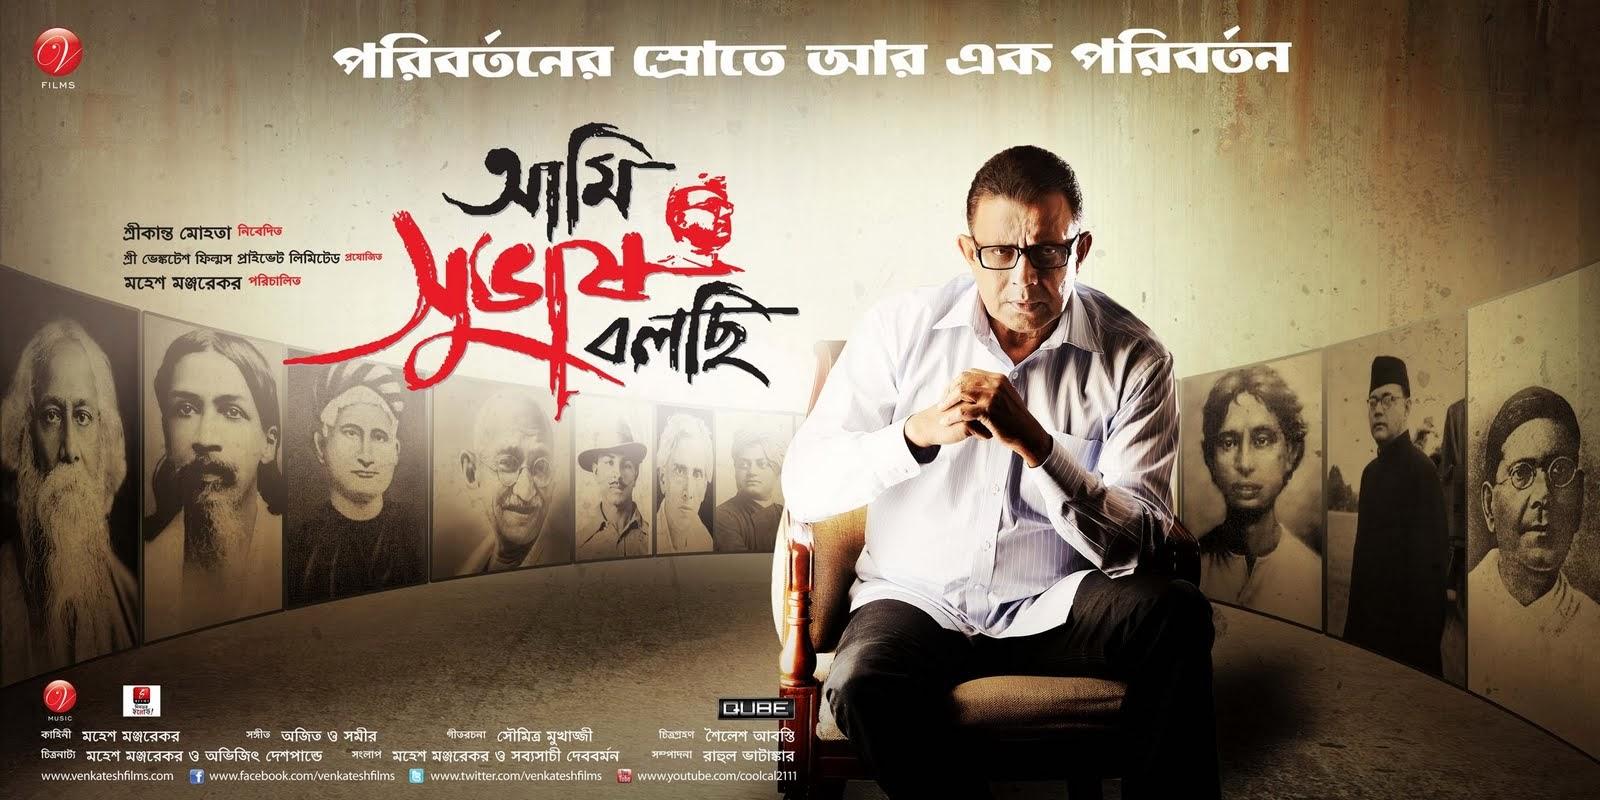 New Bangla Moviee 2016 click hear.............. Ami+subhash+bolchi+full+movie+(1)